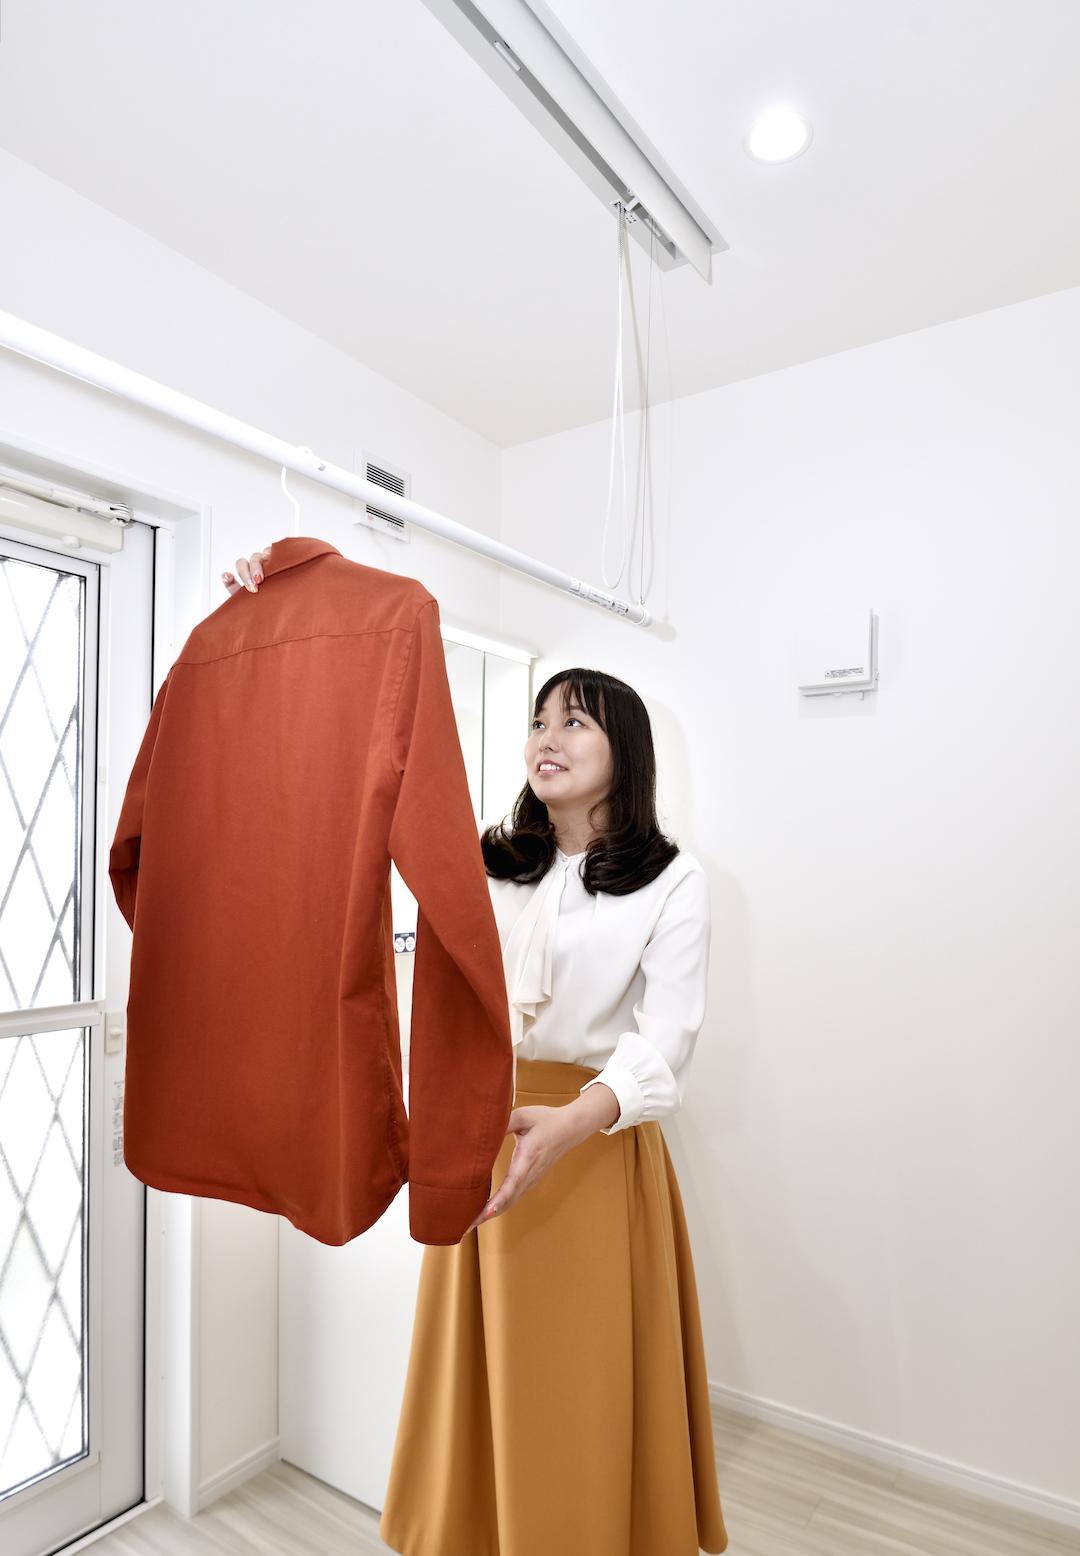 【いつでも気軽にお洗濯♪ランドリースペースにおすすめの設備!】 スペースの活用